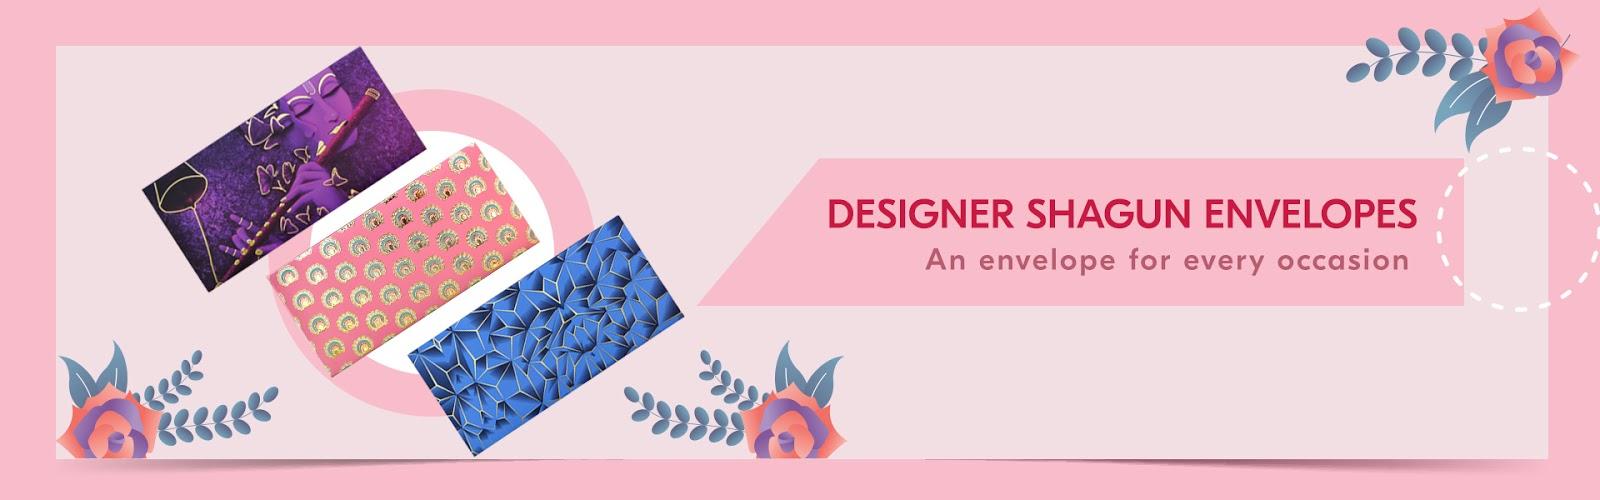 Designer Shagun Envelopes